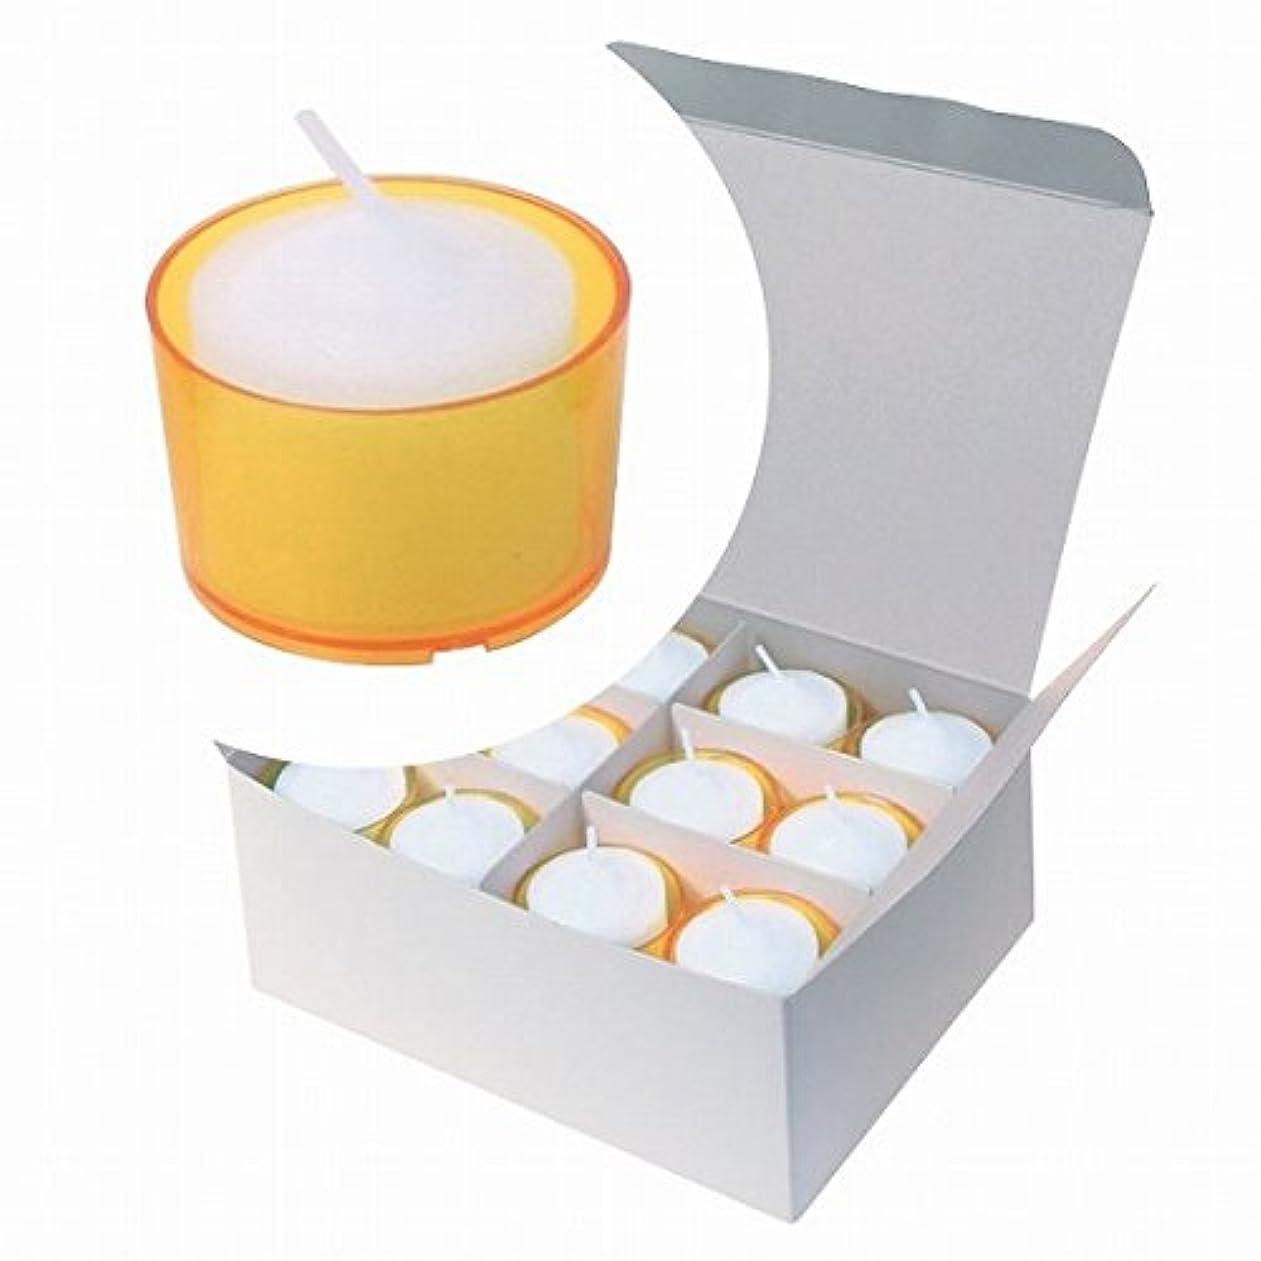 ダルセットのり蓋カメヤマキャンドル( kameyama candle ) カラークリアカップボーティブ6時間タイプ 24個入り 「 イエロー 」